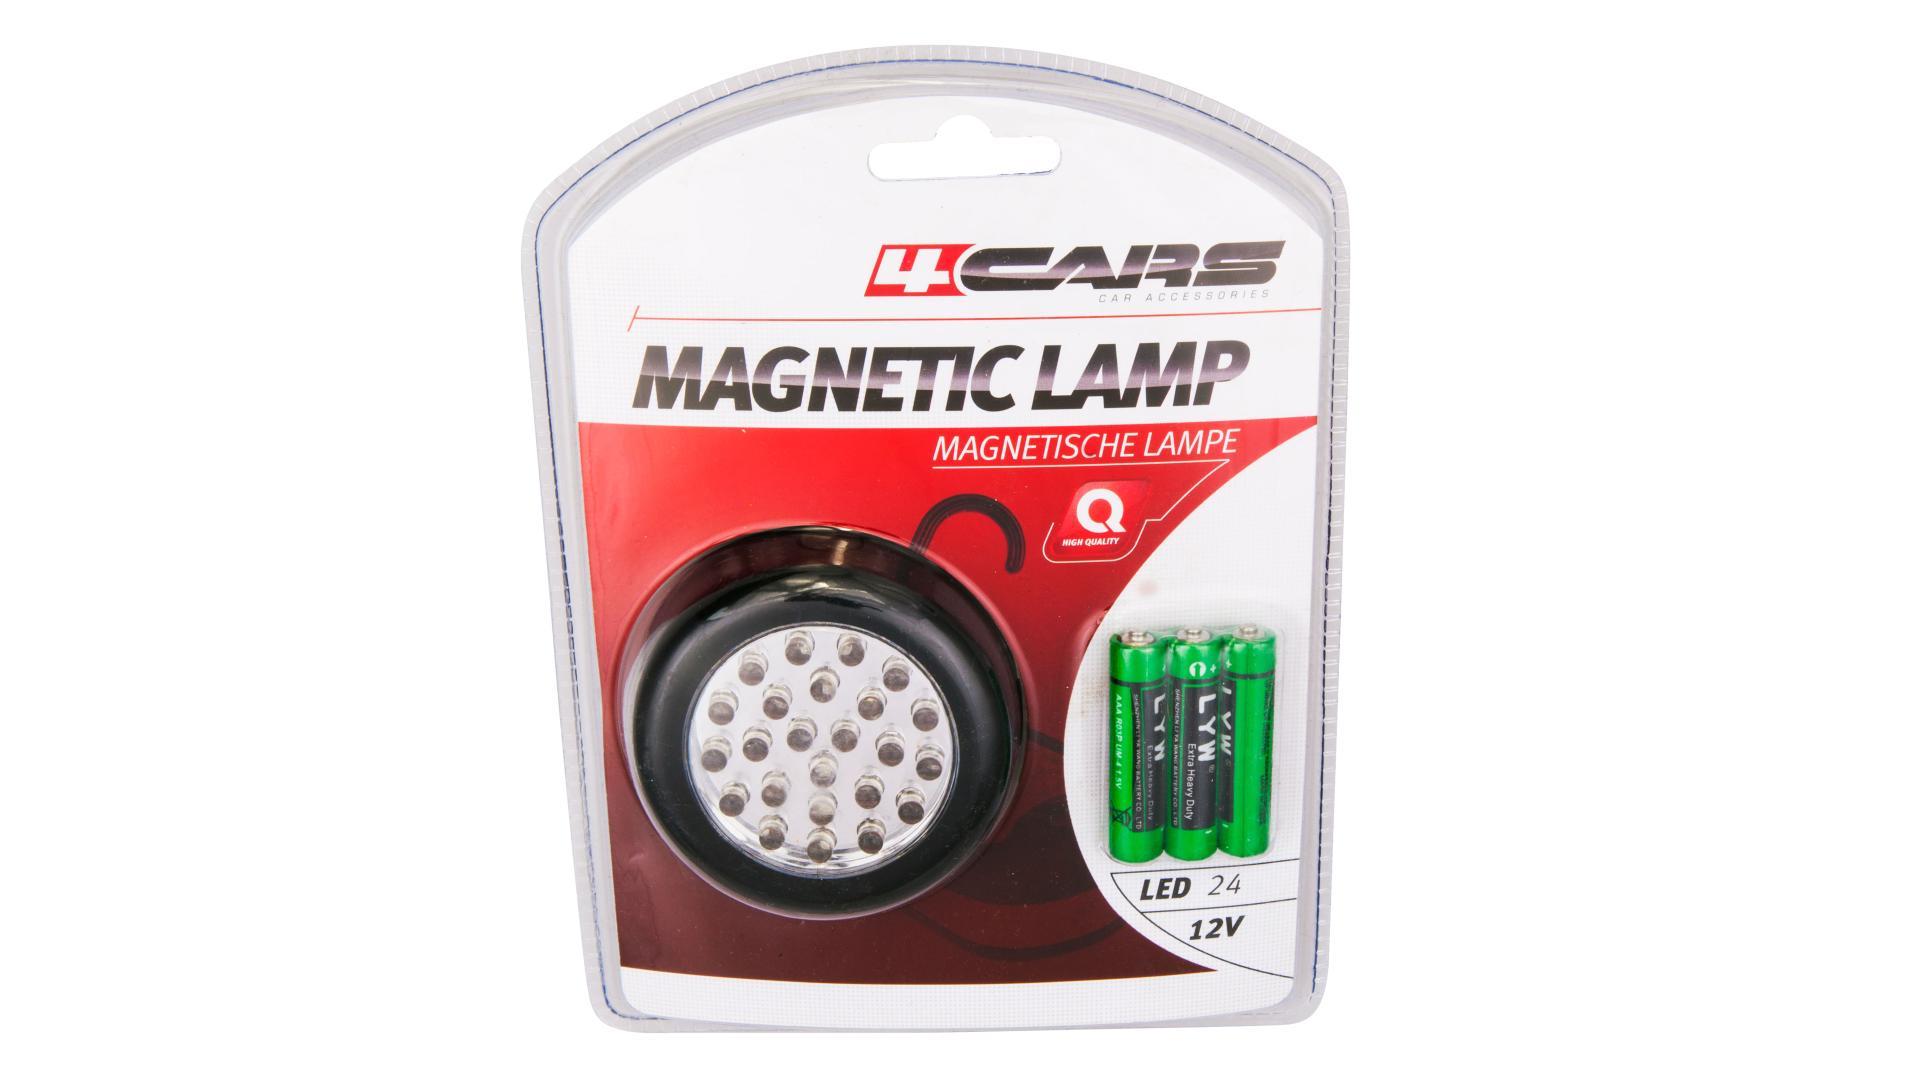 4CARS PRACOVNÁ LAMPA 24 LED PUK